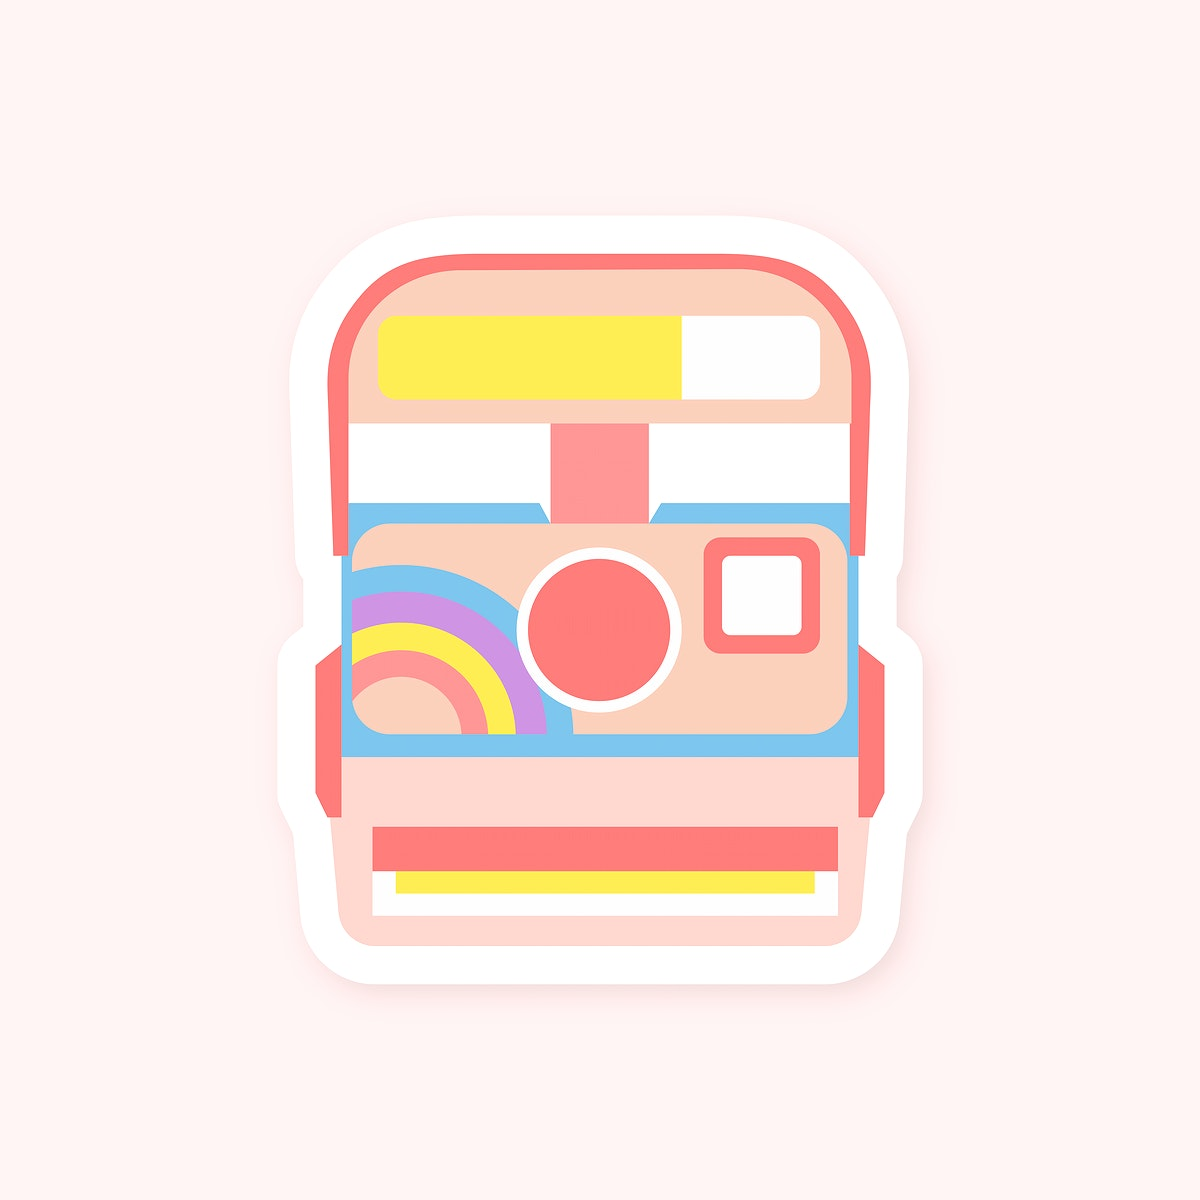 Colorful Polaroid camera sticker